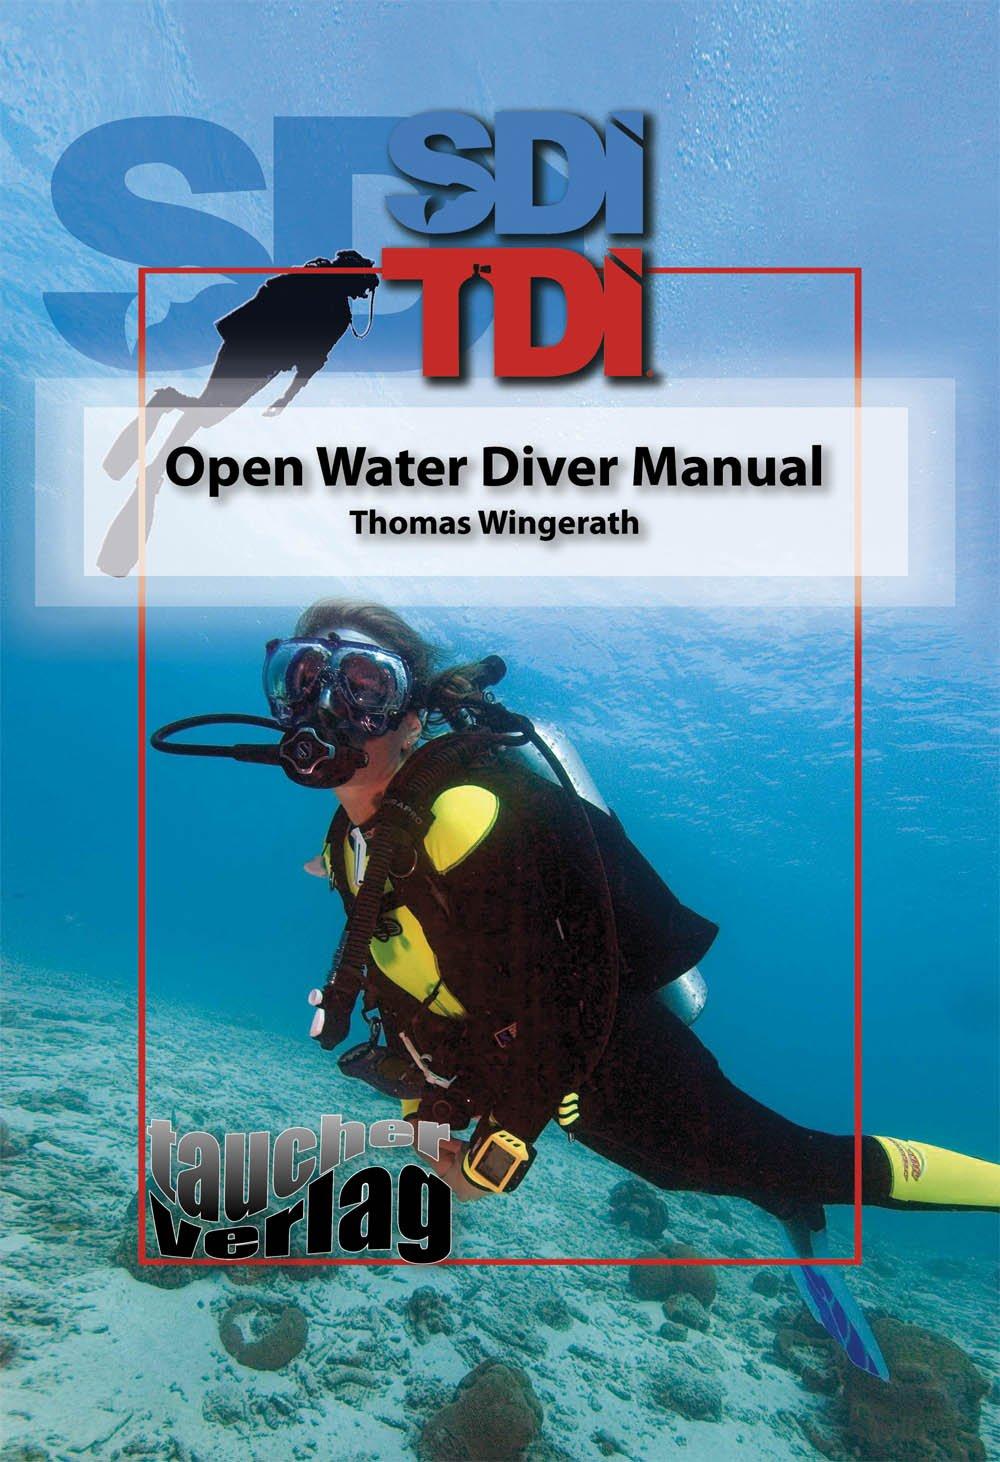 SDI TDI Open Water Diver Manual: Thomas Wingerath: 9783981144369:  Amazon.com: Books